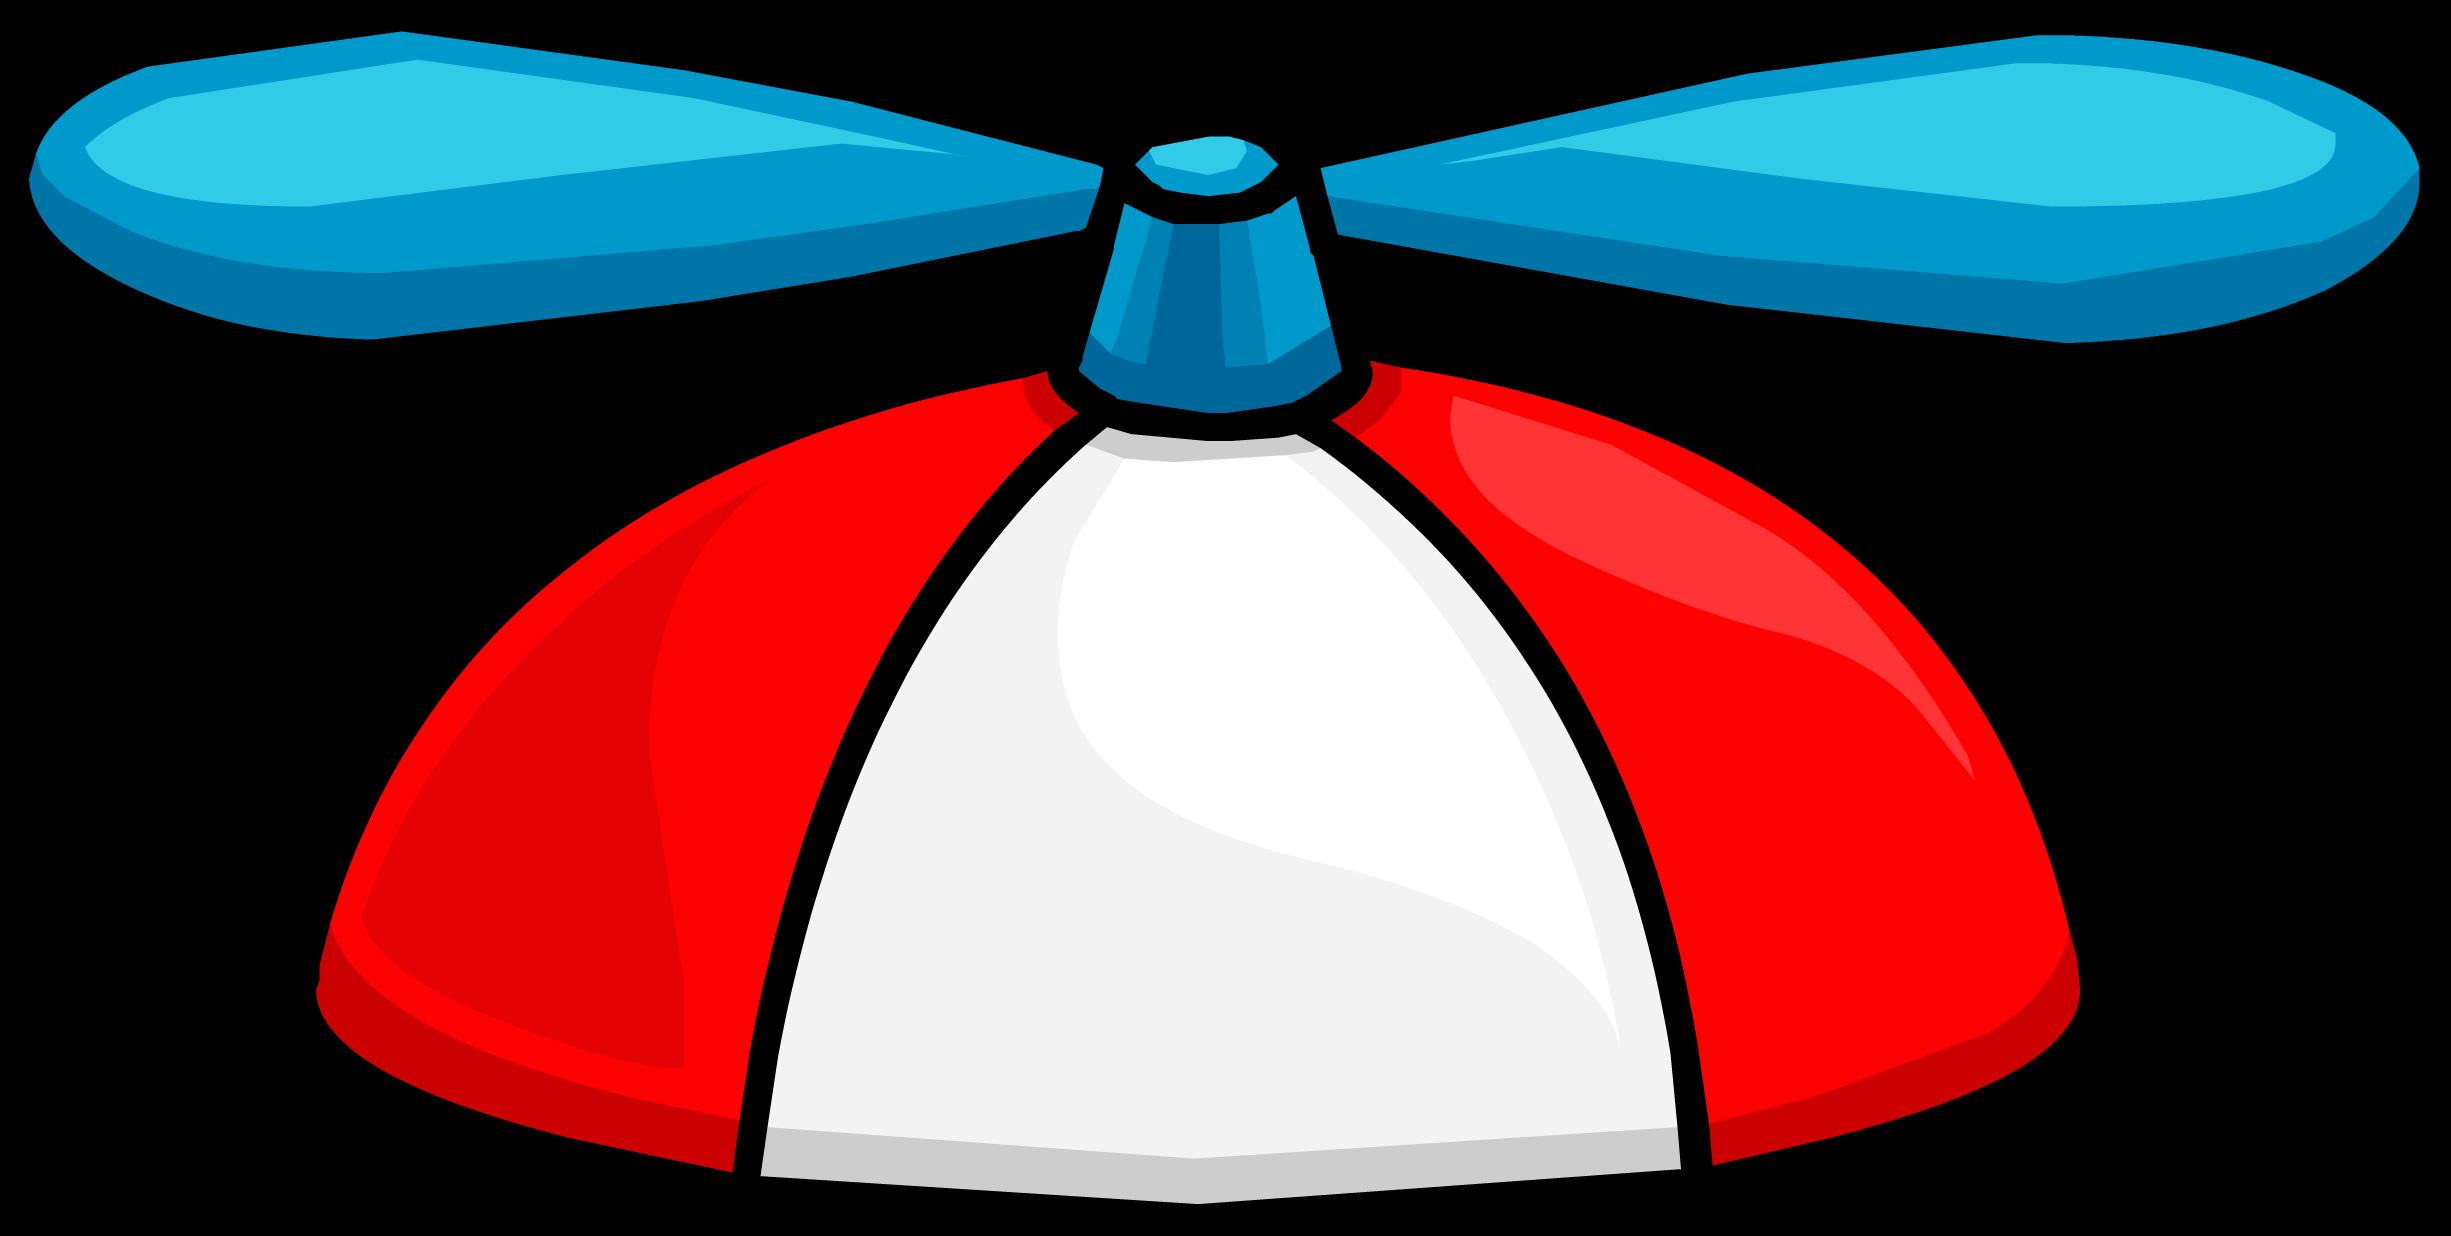 Propeller_Cap.png